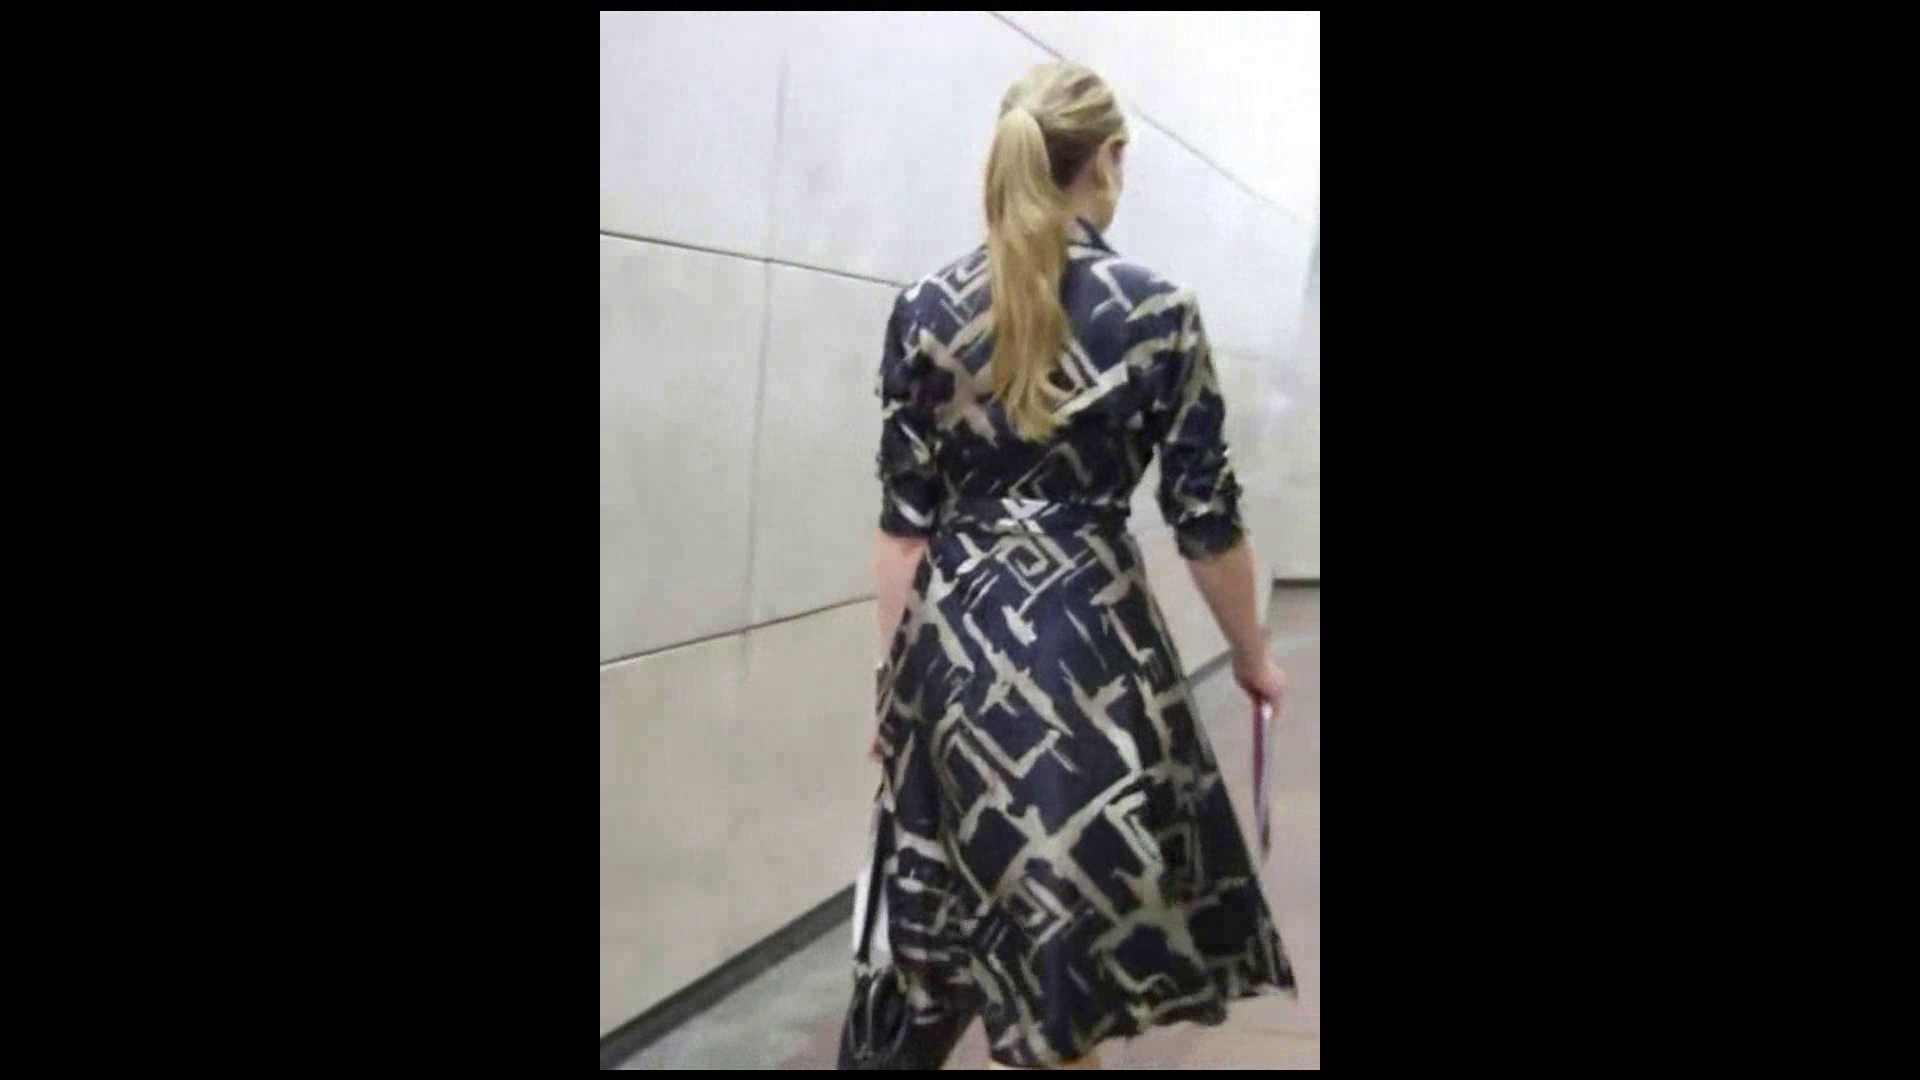 綺麗なモデルさんのスカート捲っちゃおう‼vol02 HなOL   モデルヌード  93pic 62